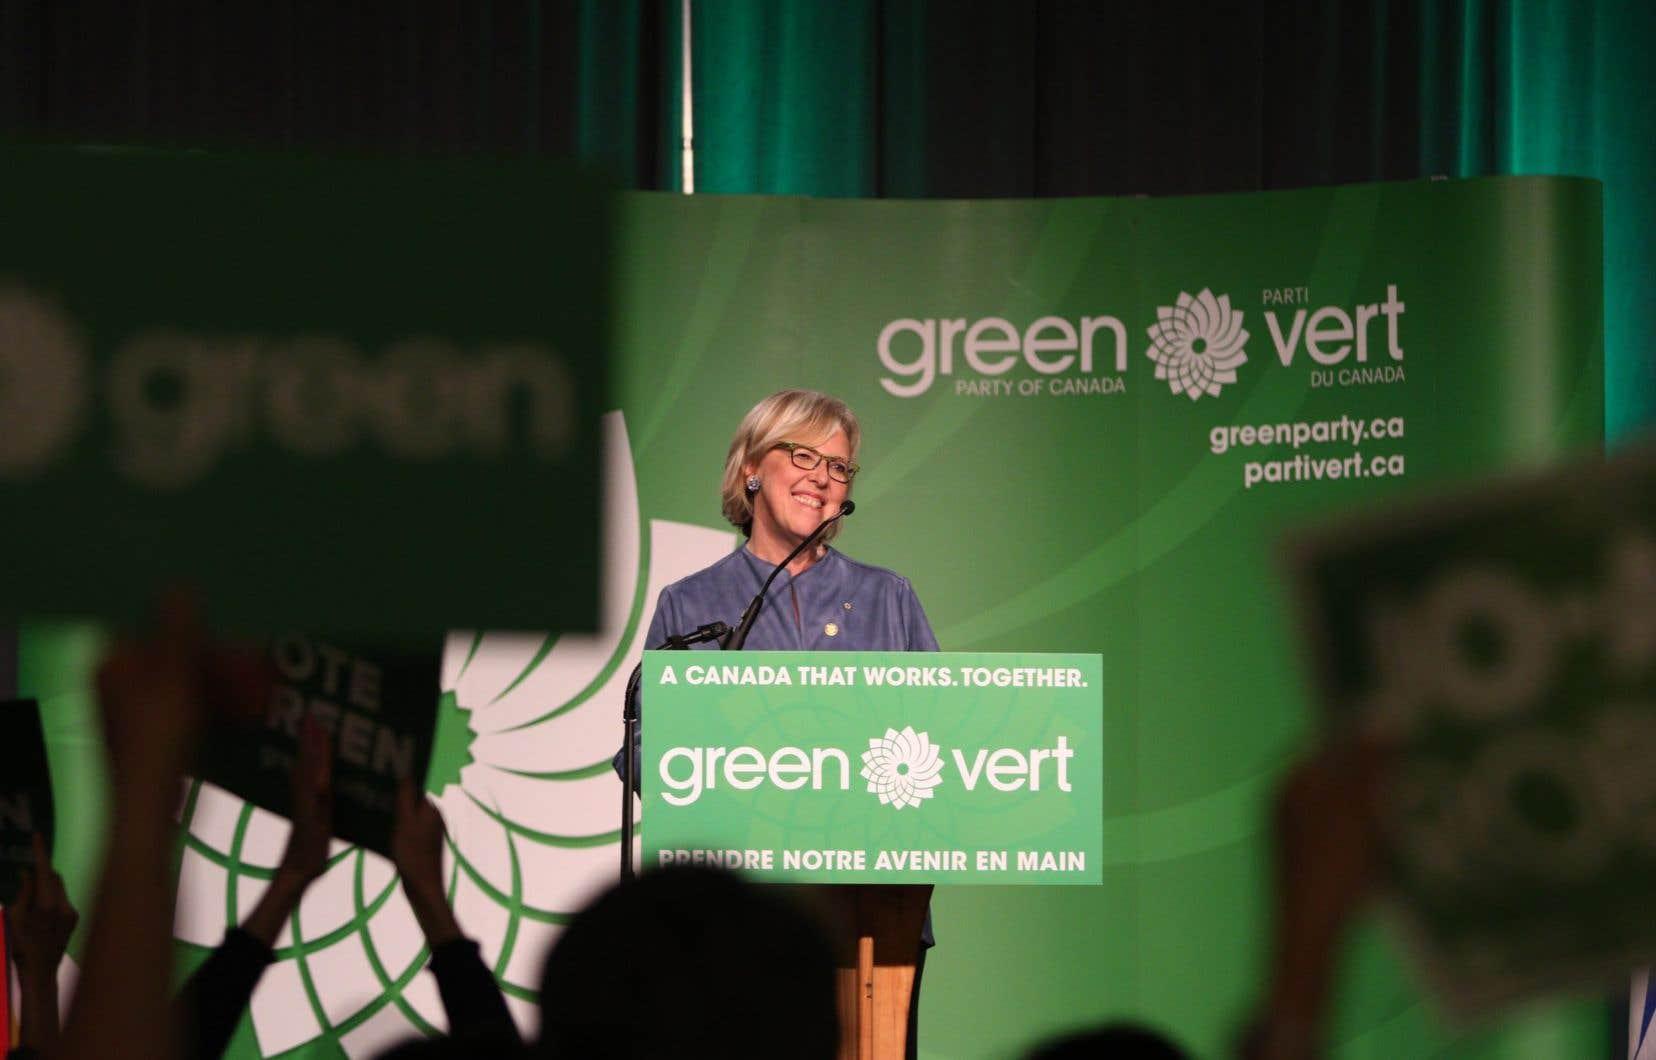 «La montée récente du Parti vert du Canada dans les sondages vient en partie d'un intérêt réel de l'électorat envers la question environnementale, mais aussi d'une protestation contre les faiblesses des partis progressistes traditionnels», estime l'auteur.